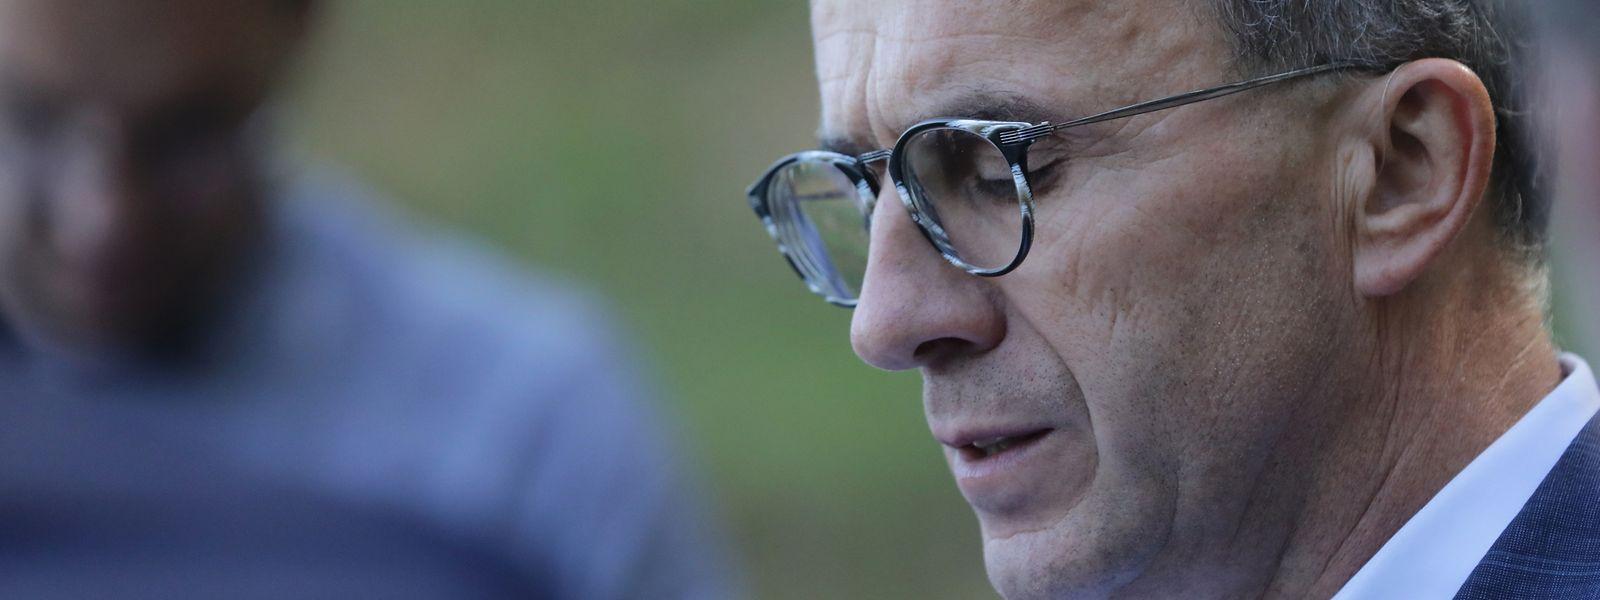 Roberto Traversini s'explique devant la presse le 18 septembre 2019. Deux jours plus tard, il quittera son poste de bourgmestre de Differdange.